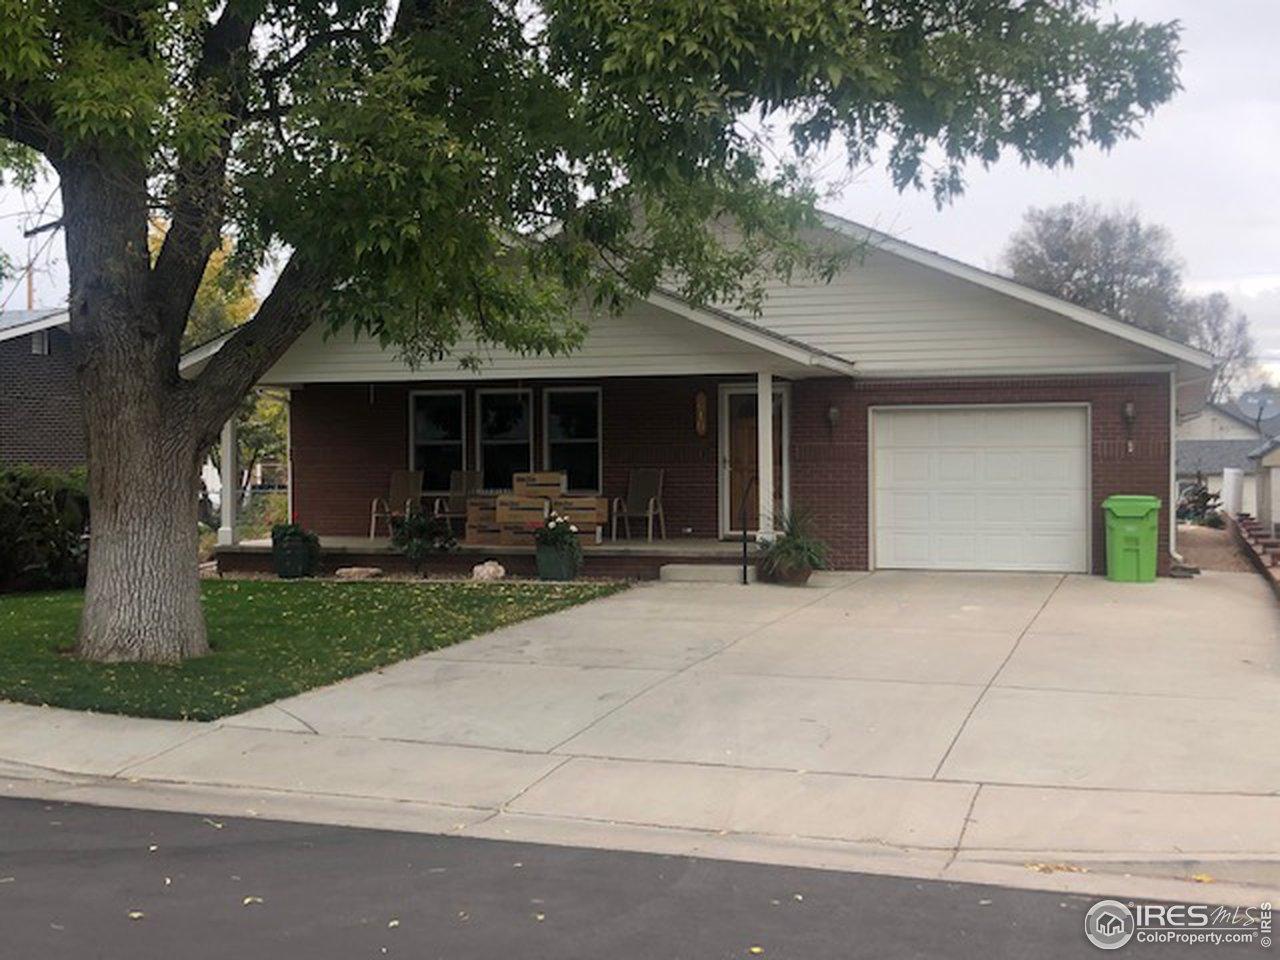 610 Oak St, Windsor CO 80550